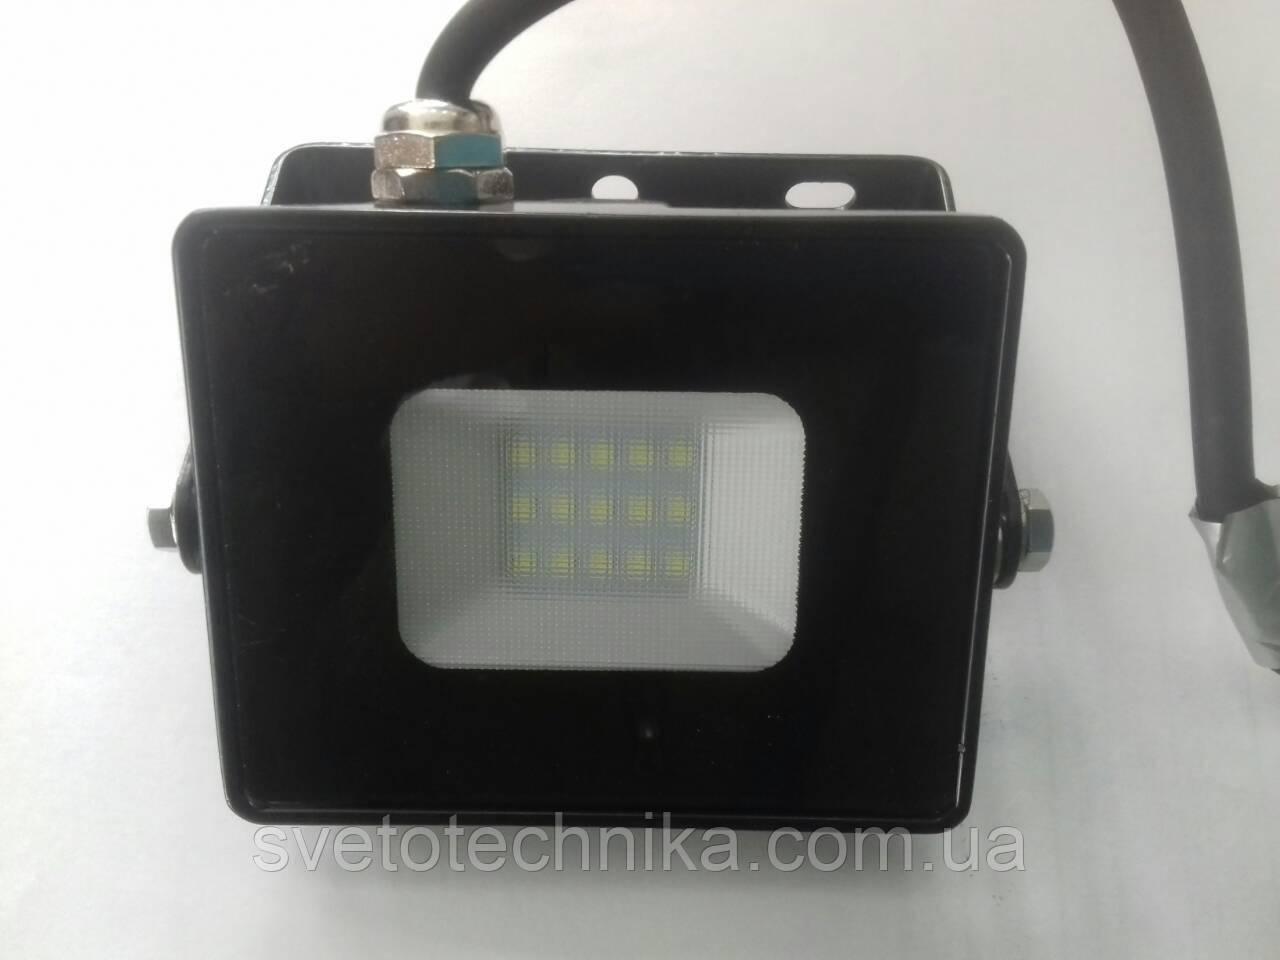 Светодиодный прожектор Feron LL-991 10W 6400К